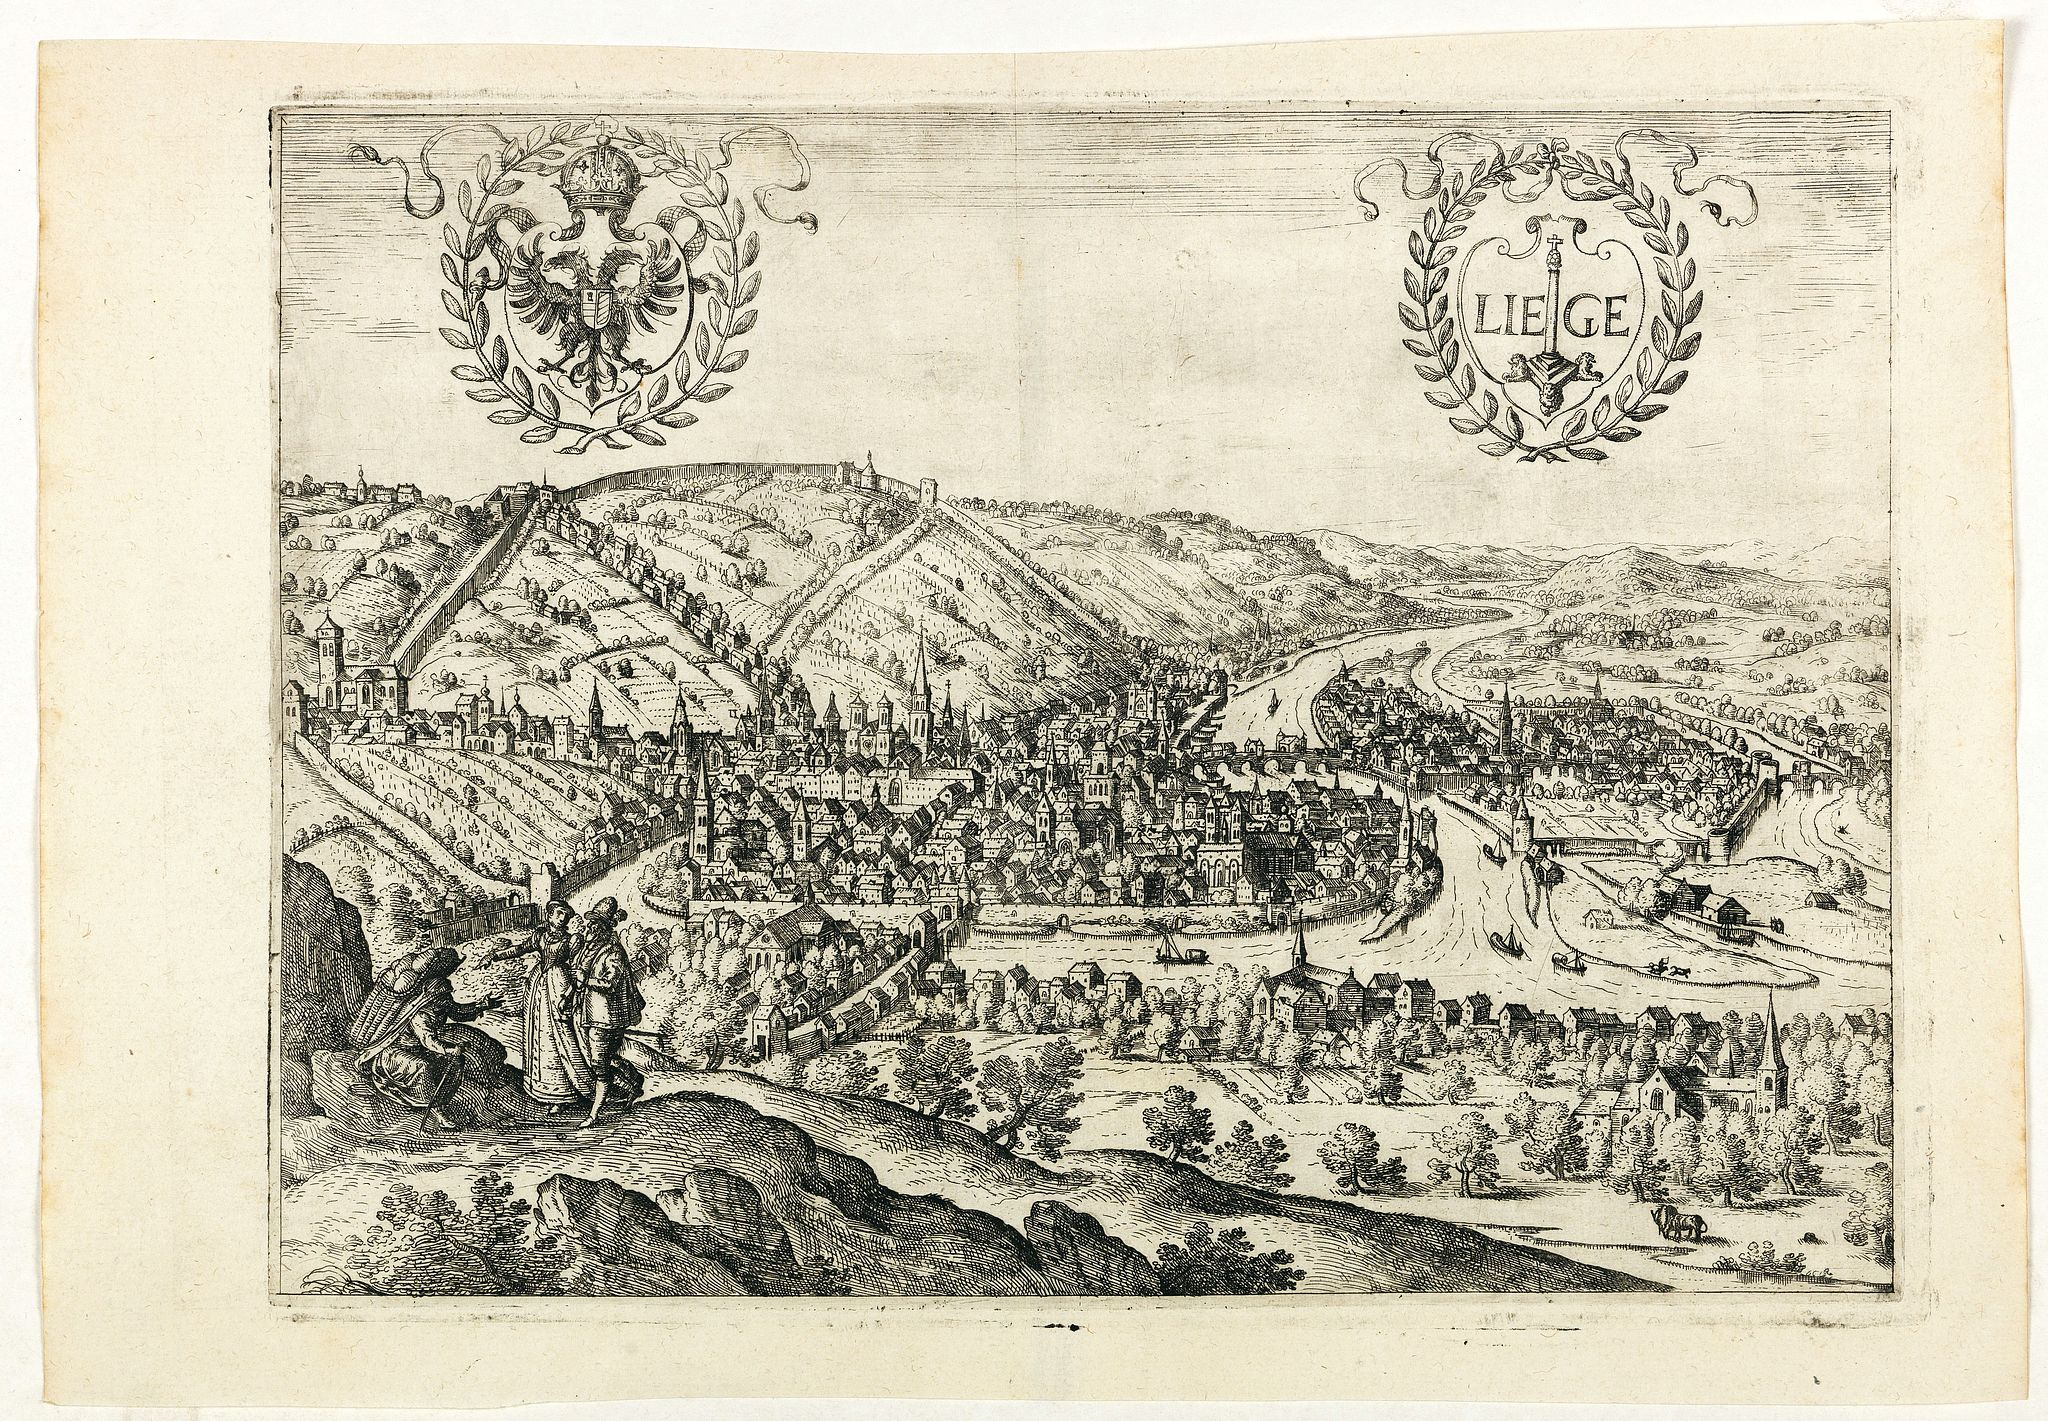 GUICCIARDINI, L. -  Liege.